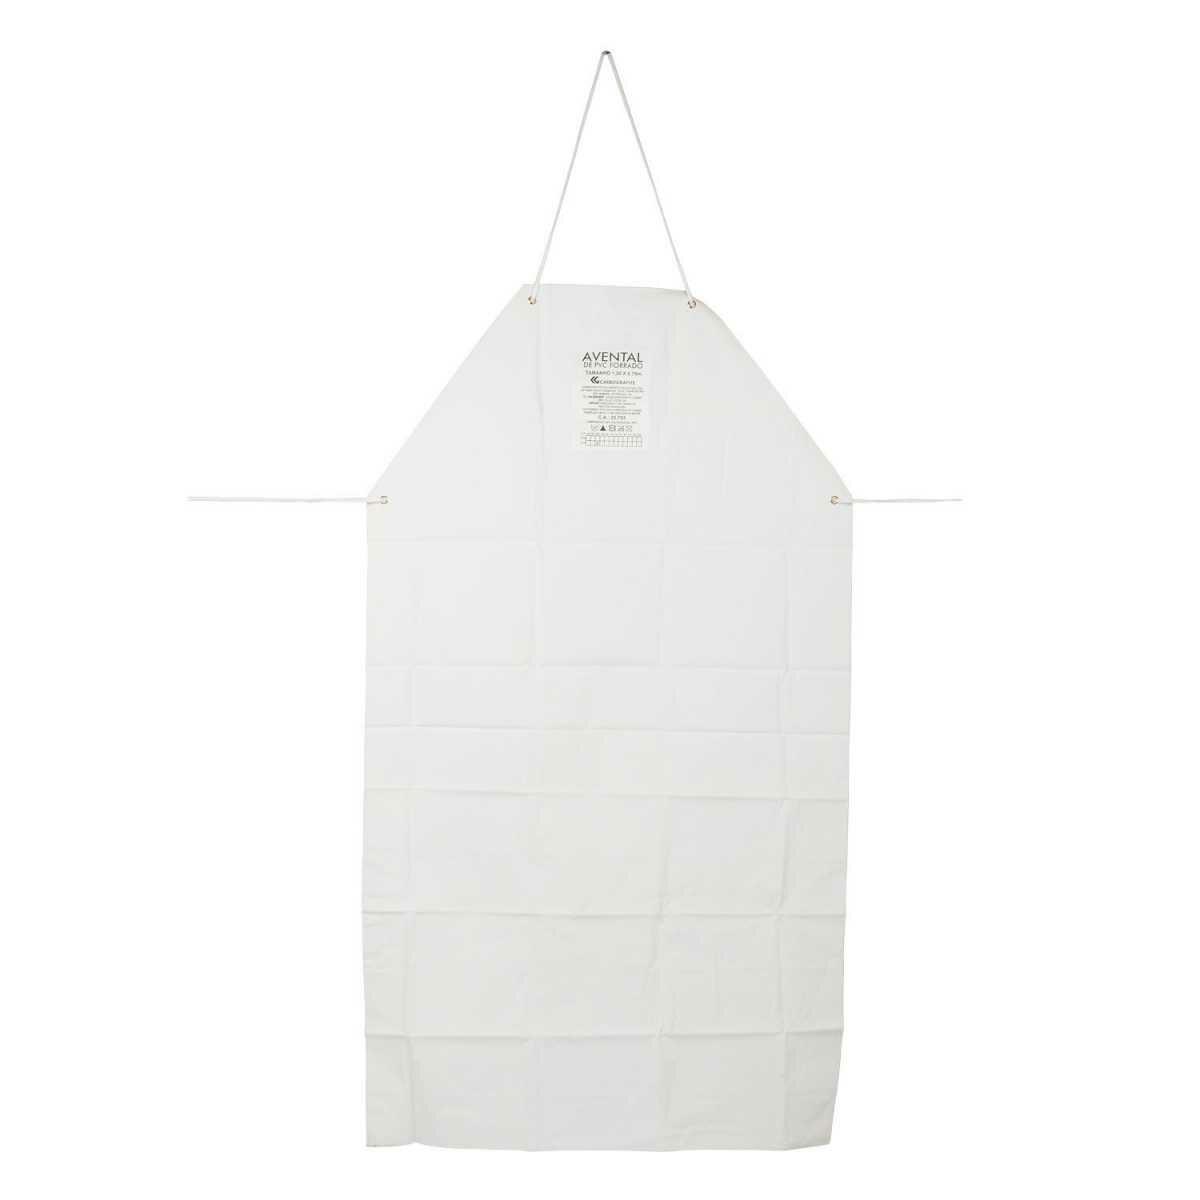 Avental Pvc Branco 1,20X0,70M Carbografite